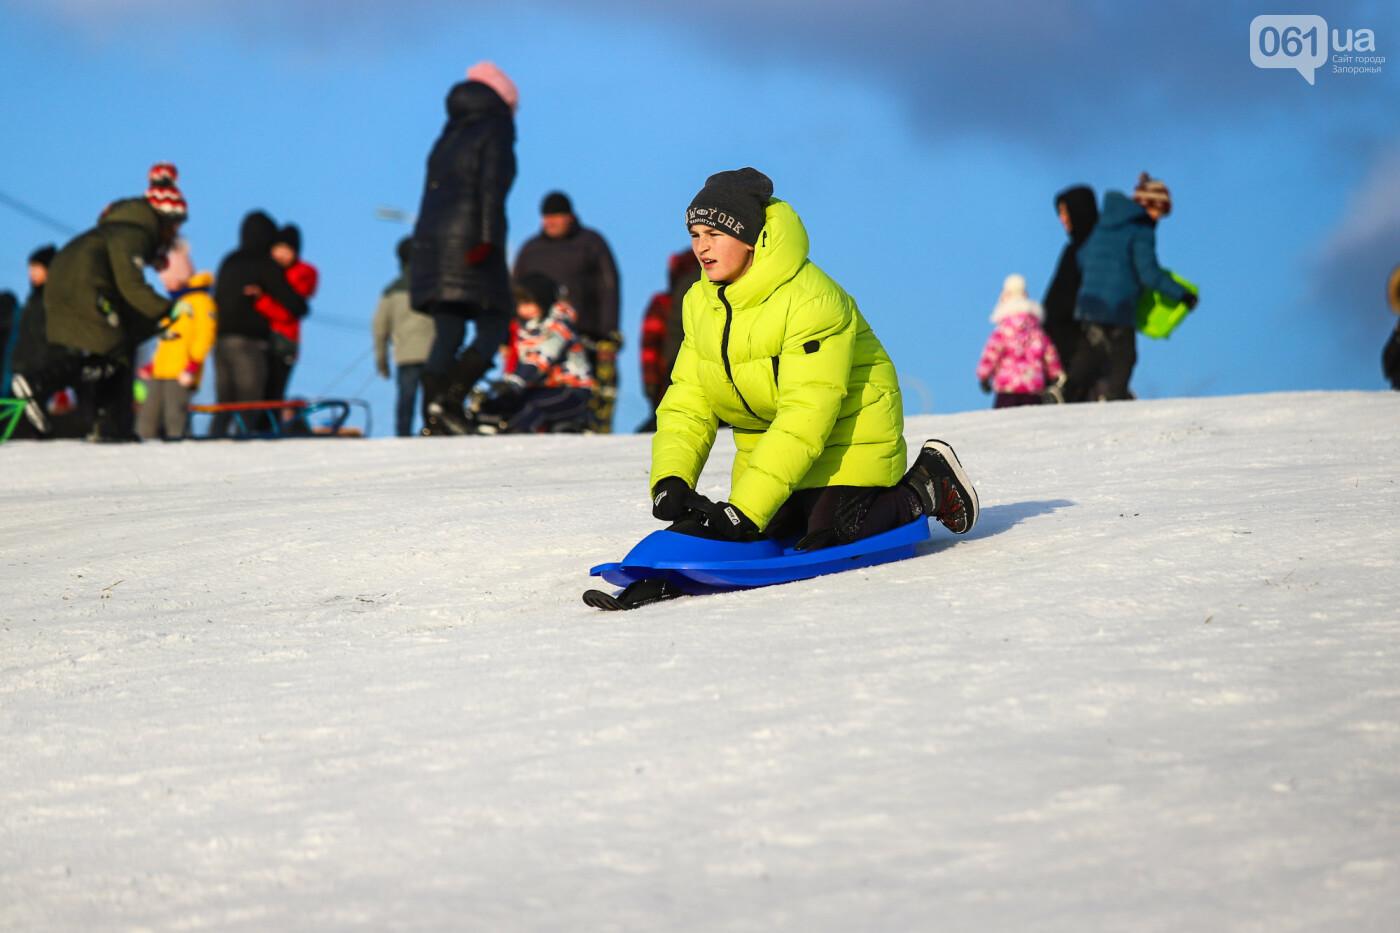 На санках, лыжах и сноуборде: запорожцы устроили массовое катание с горок в Вознесеновском парке, - ФОТОРЕПОРТАЖ, фото-63